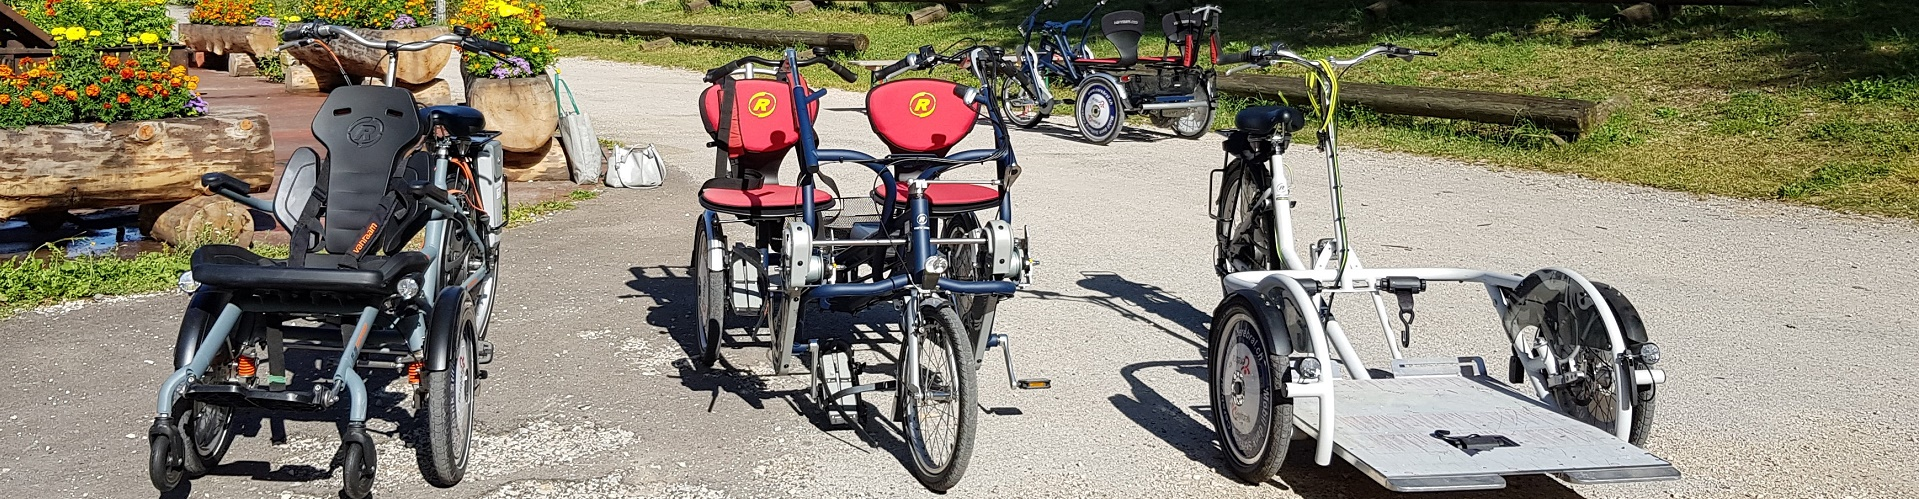 Accessibilité dans le Val-de-Travers grâce à des vélos électriques pour personnes handicapées, mines d'asphalte de La Presta